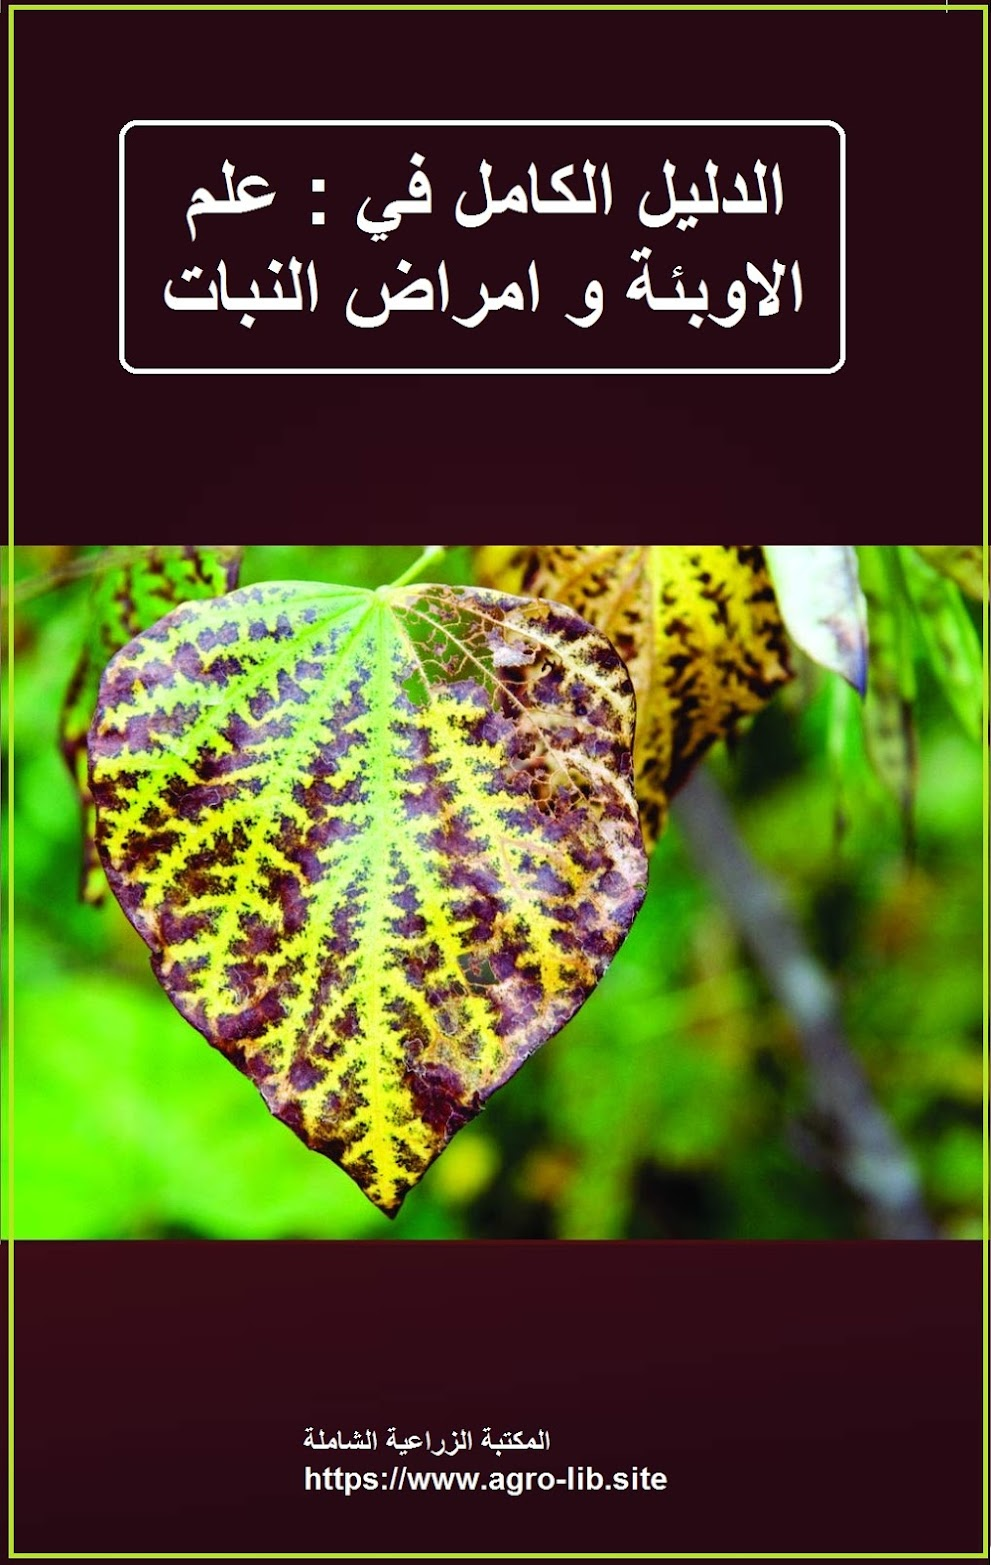 كتاب : الدليل الكامل في : علم الأوبئة و امراض النبات